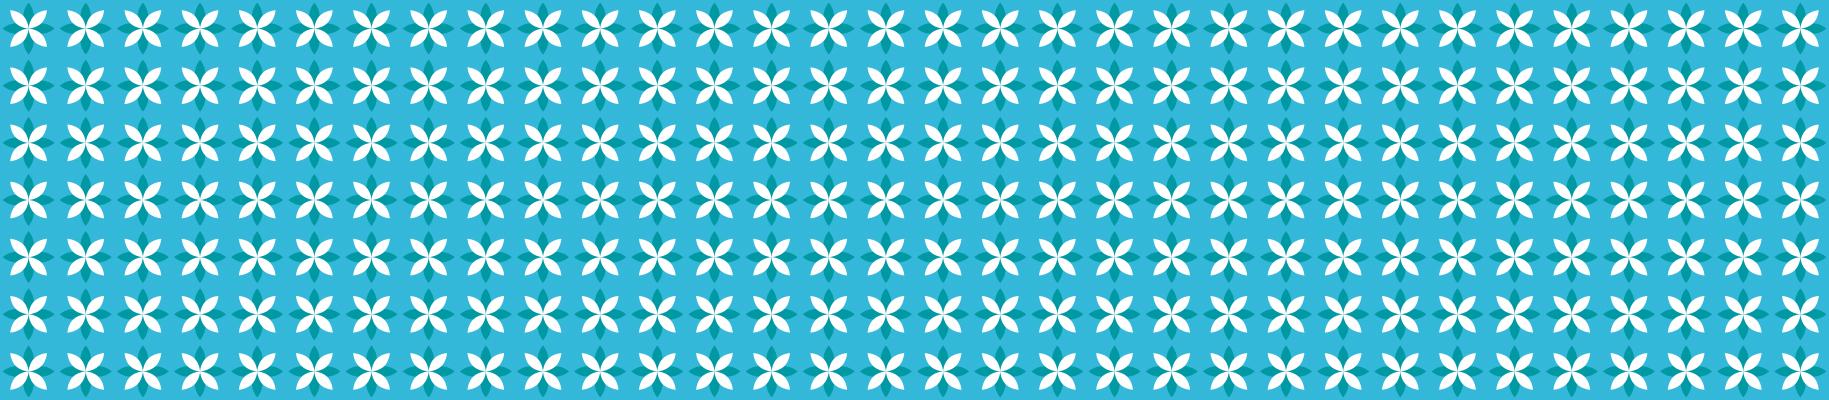 Muster sinine